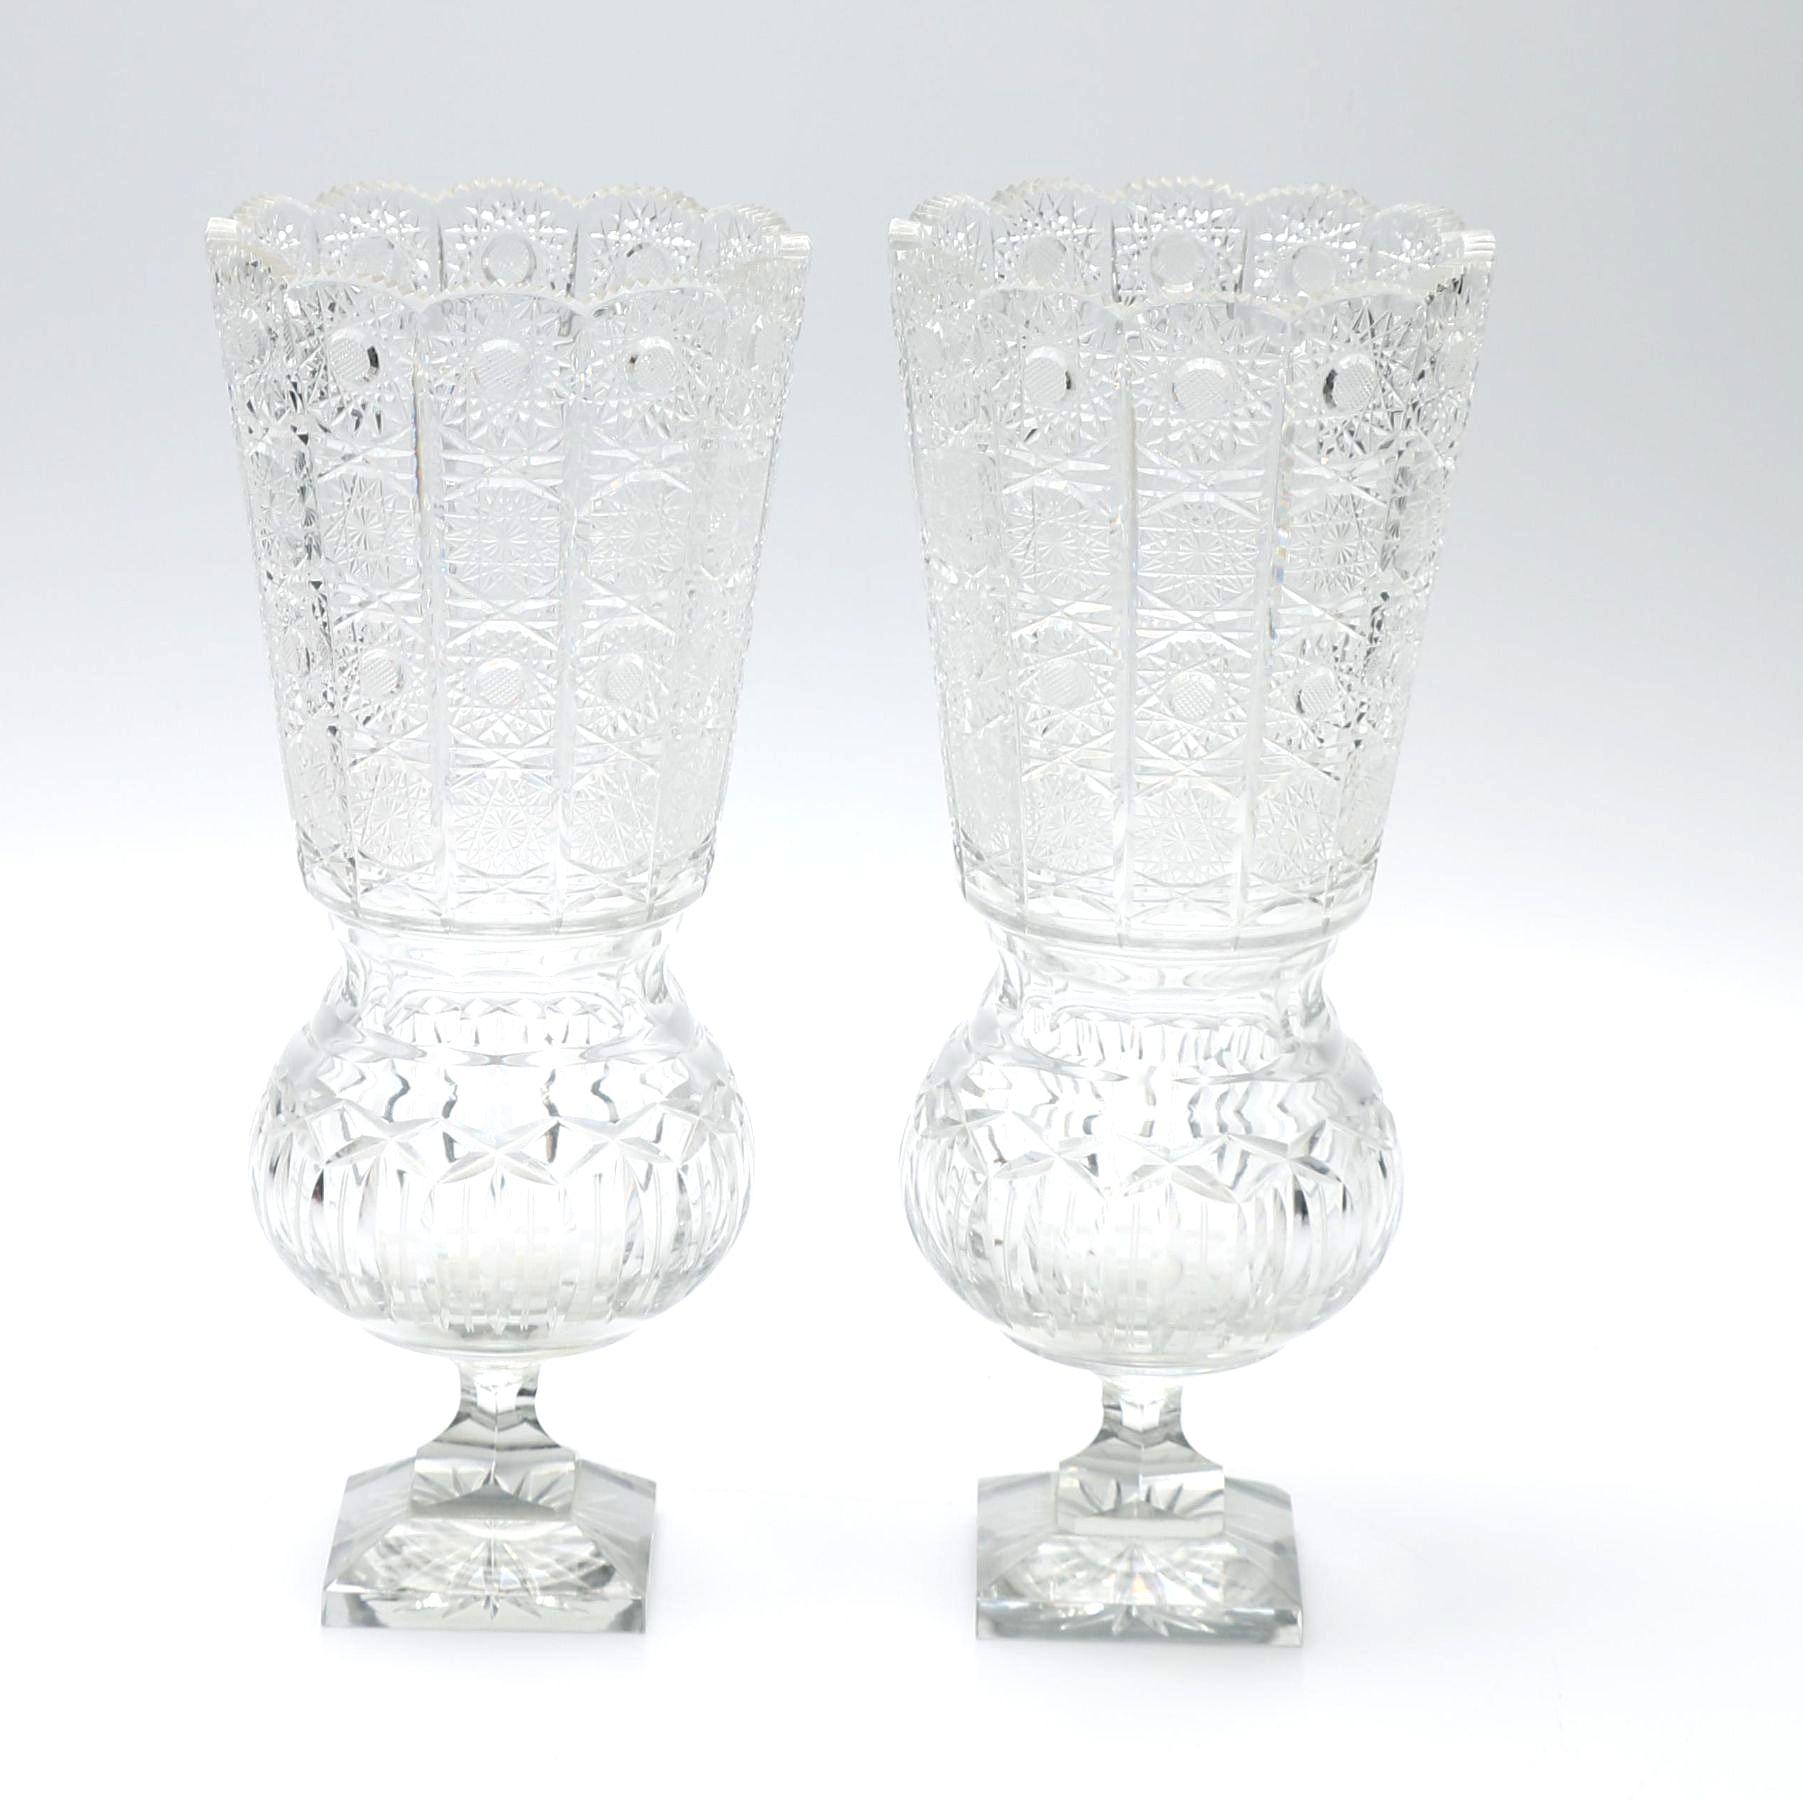 Pair of Large Crystal Vases